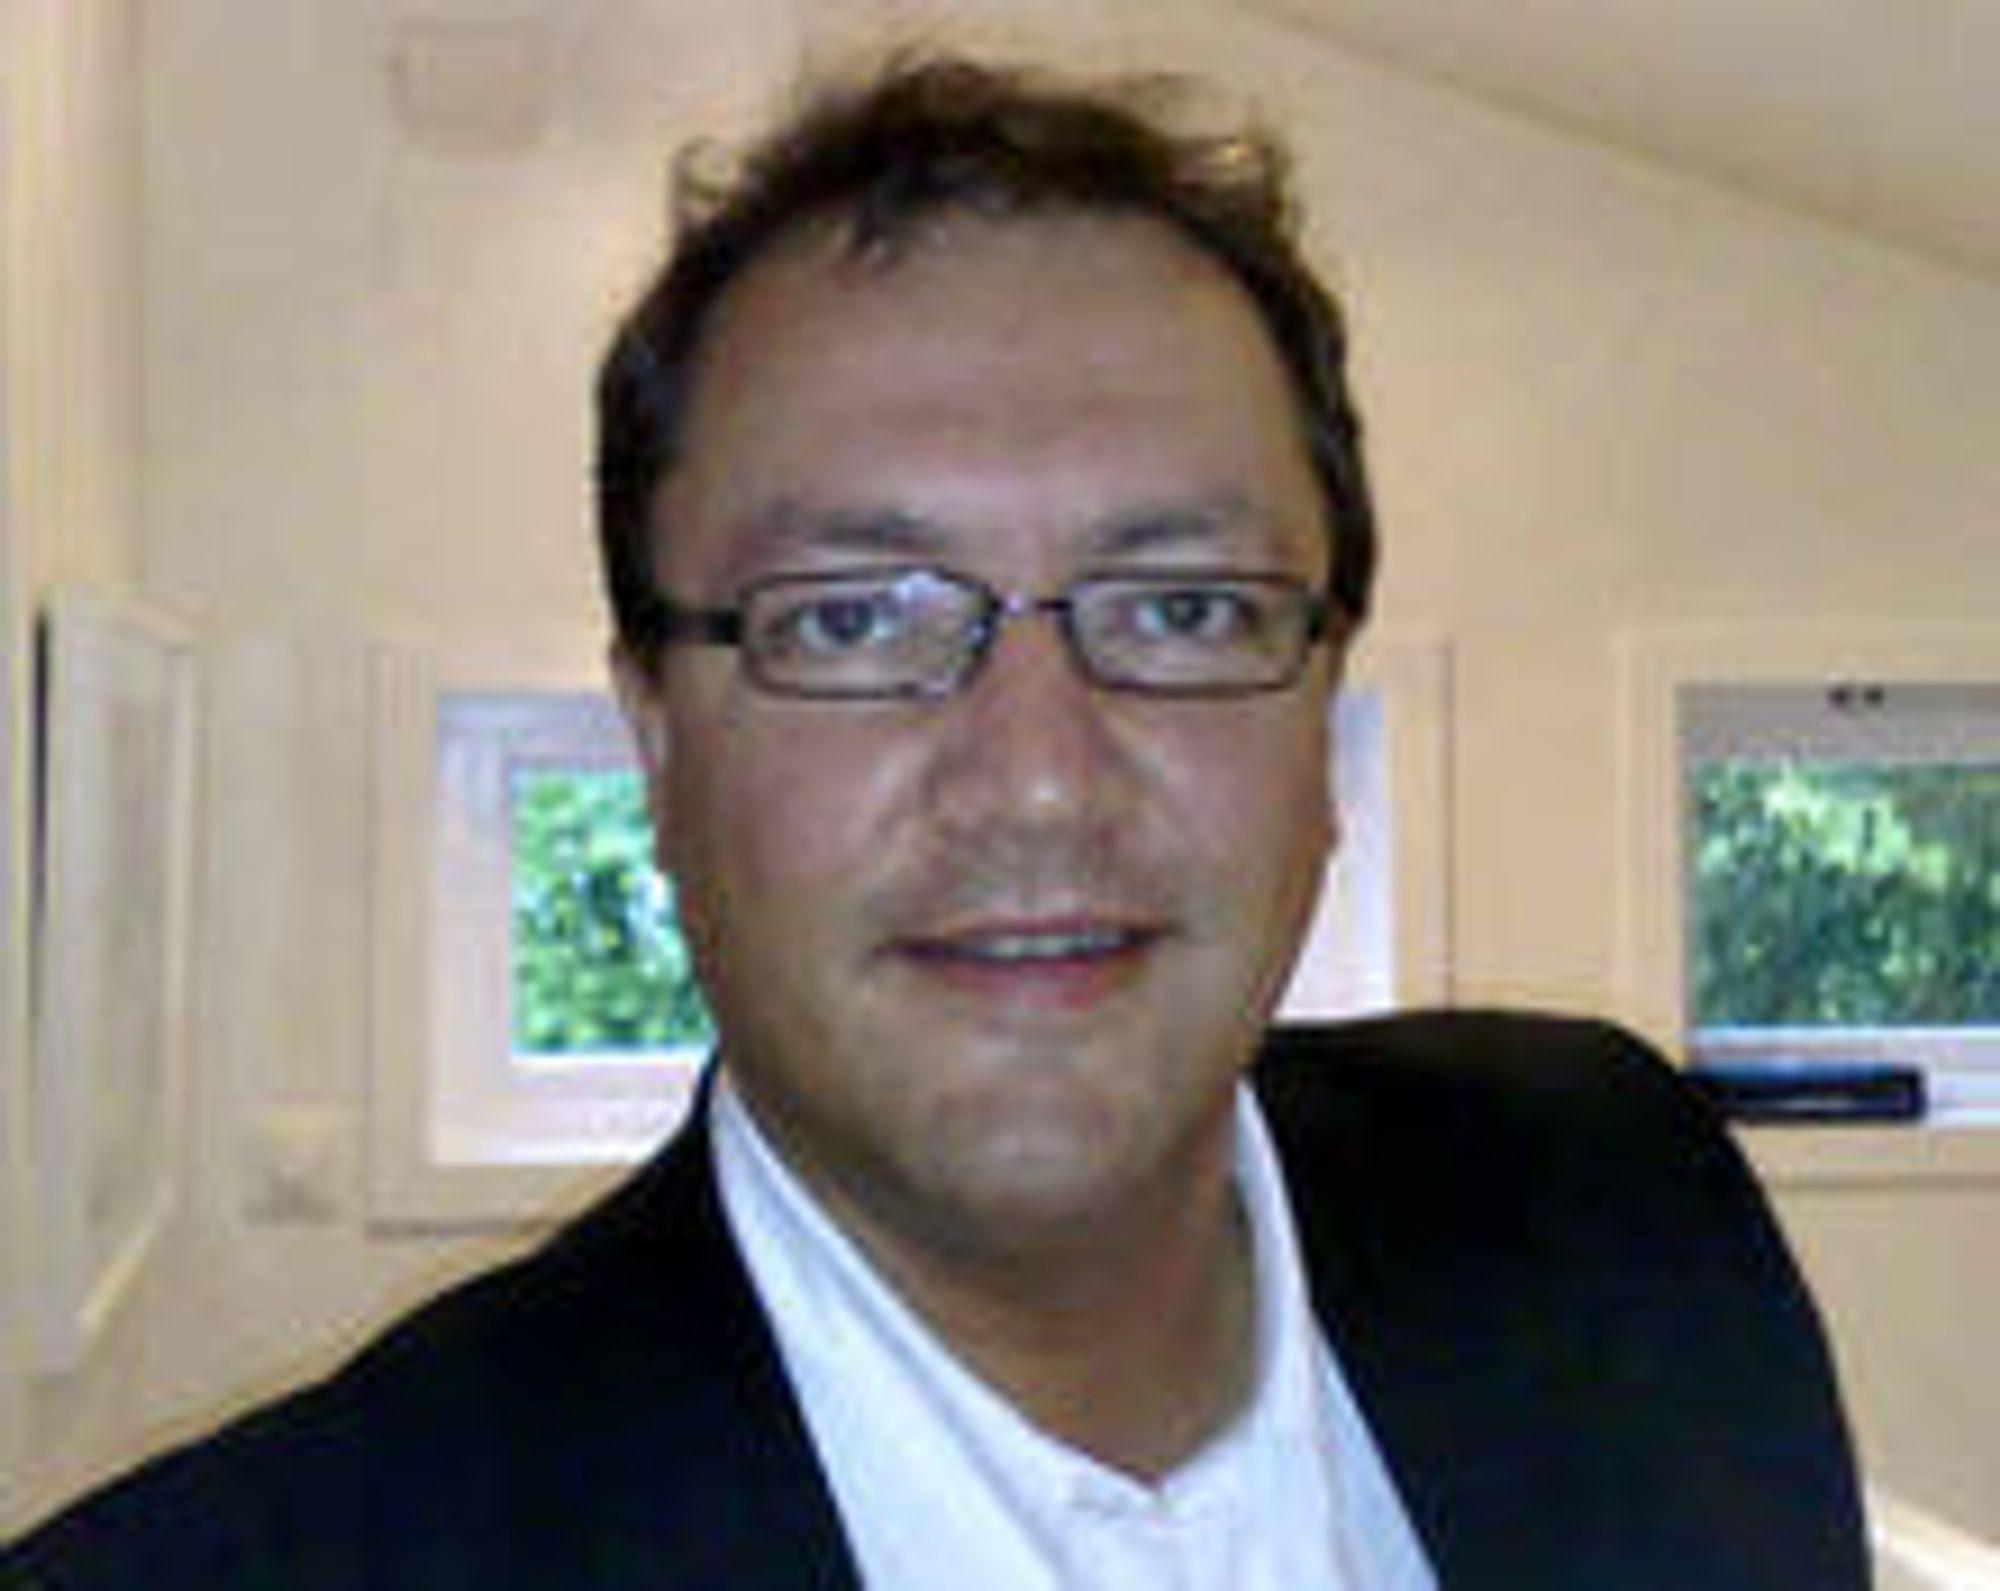 - Vi krever Kurt Oddekalv tiltalt og straffet, sier MTU-sjef Jo Einride Lid Lerheim (Foto: selskapet)